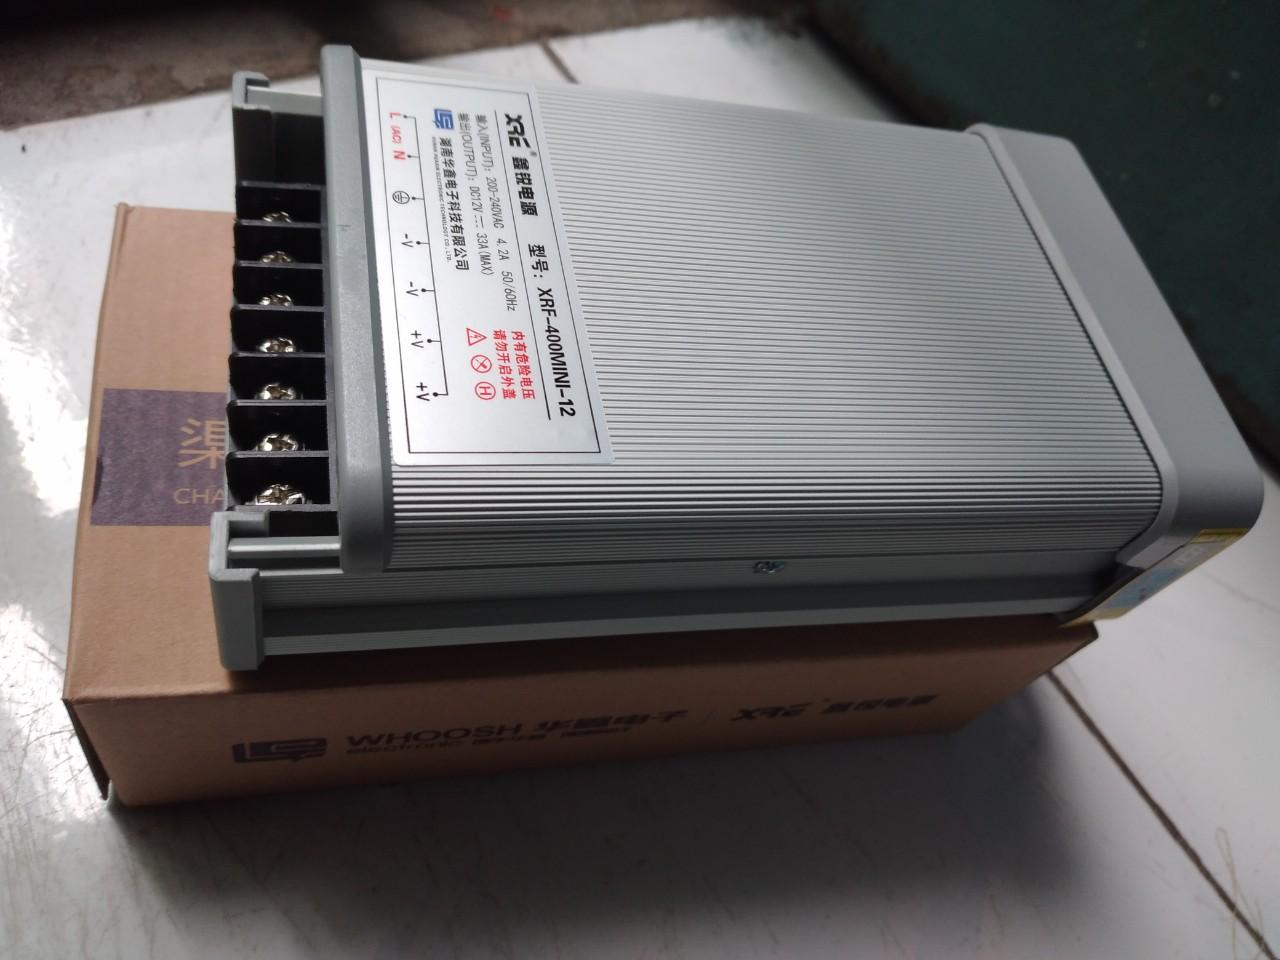 Nguồn 12v33A tiêu chuẩn dùng trong nhà và ngoài trời